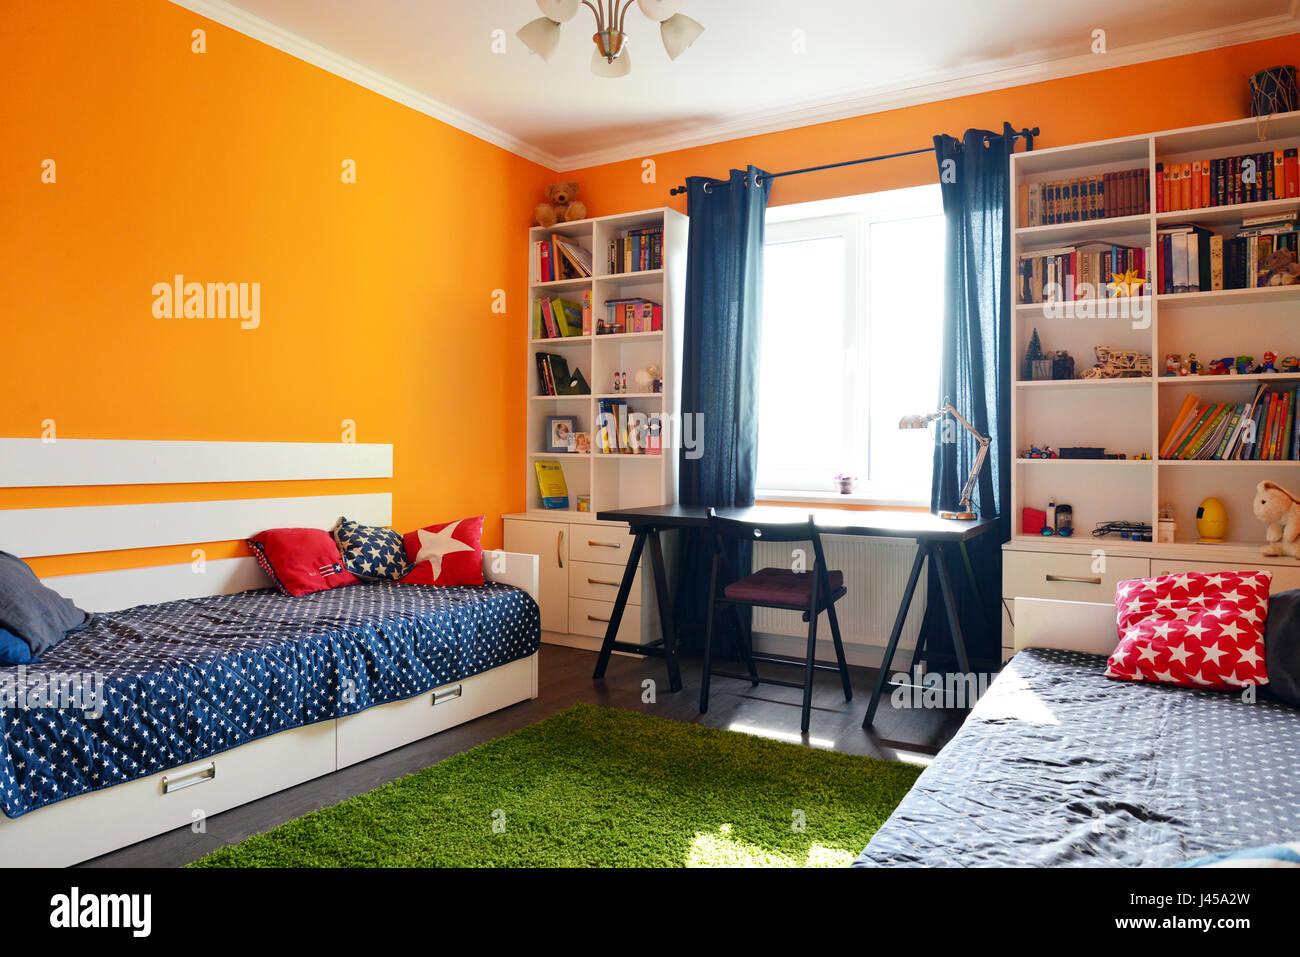 Camera da letto per bambini in arancione e blu con due letti e ...